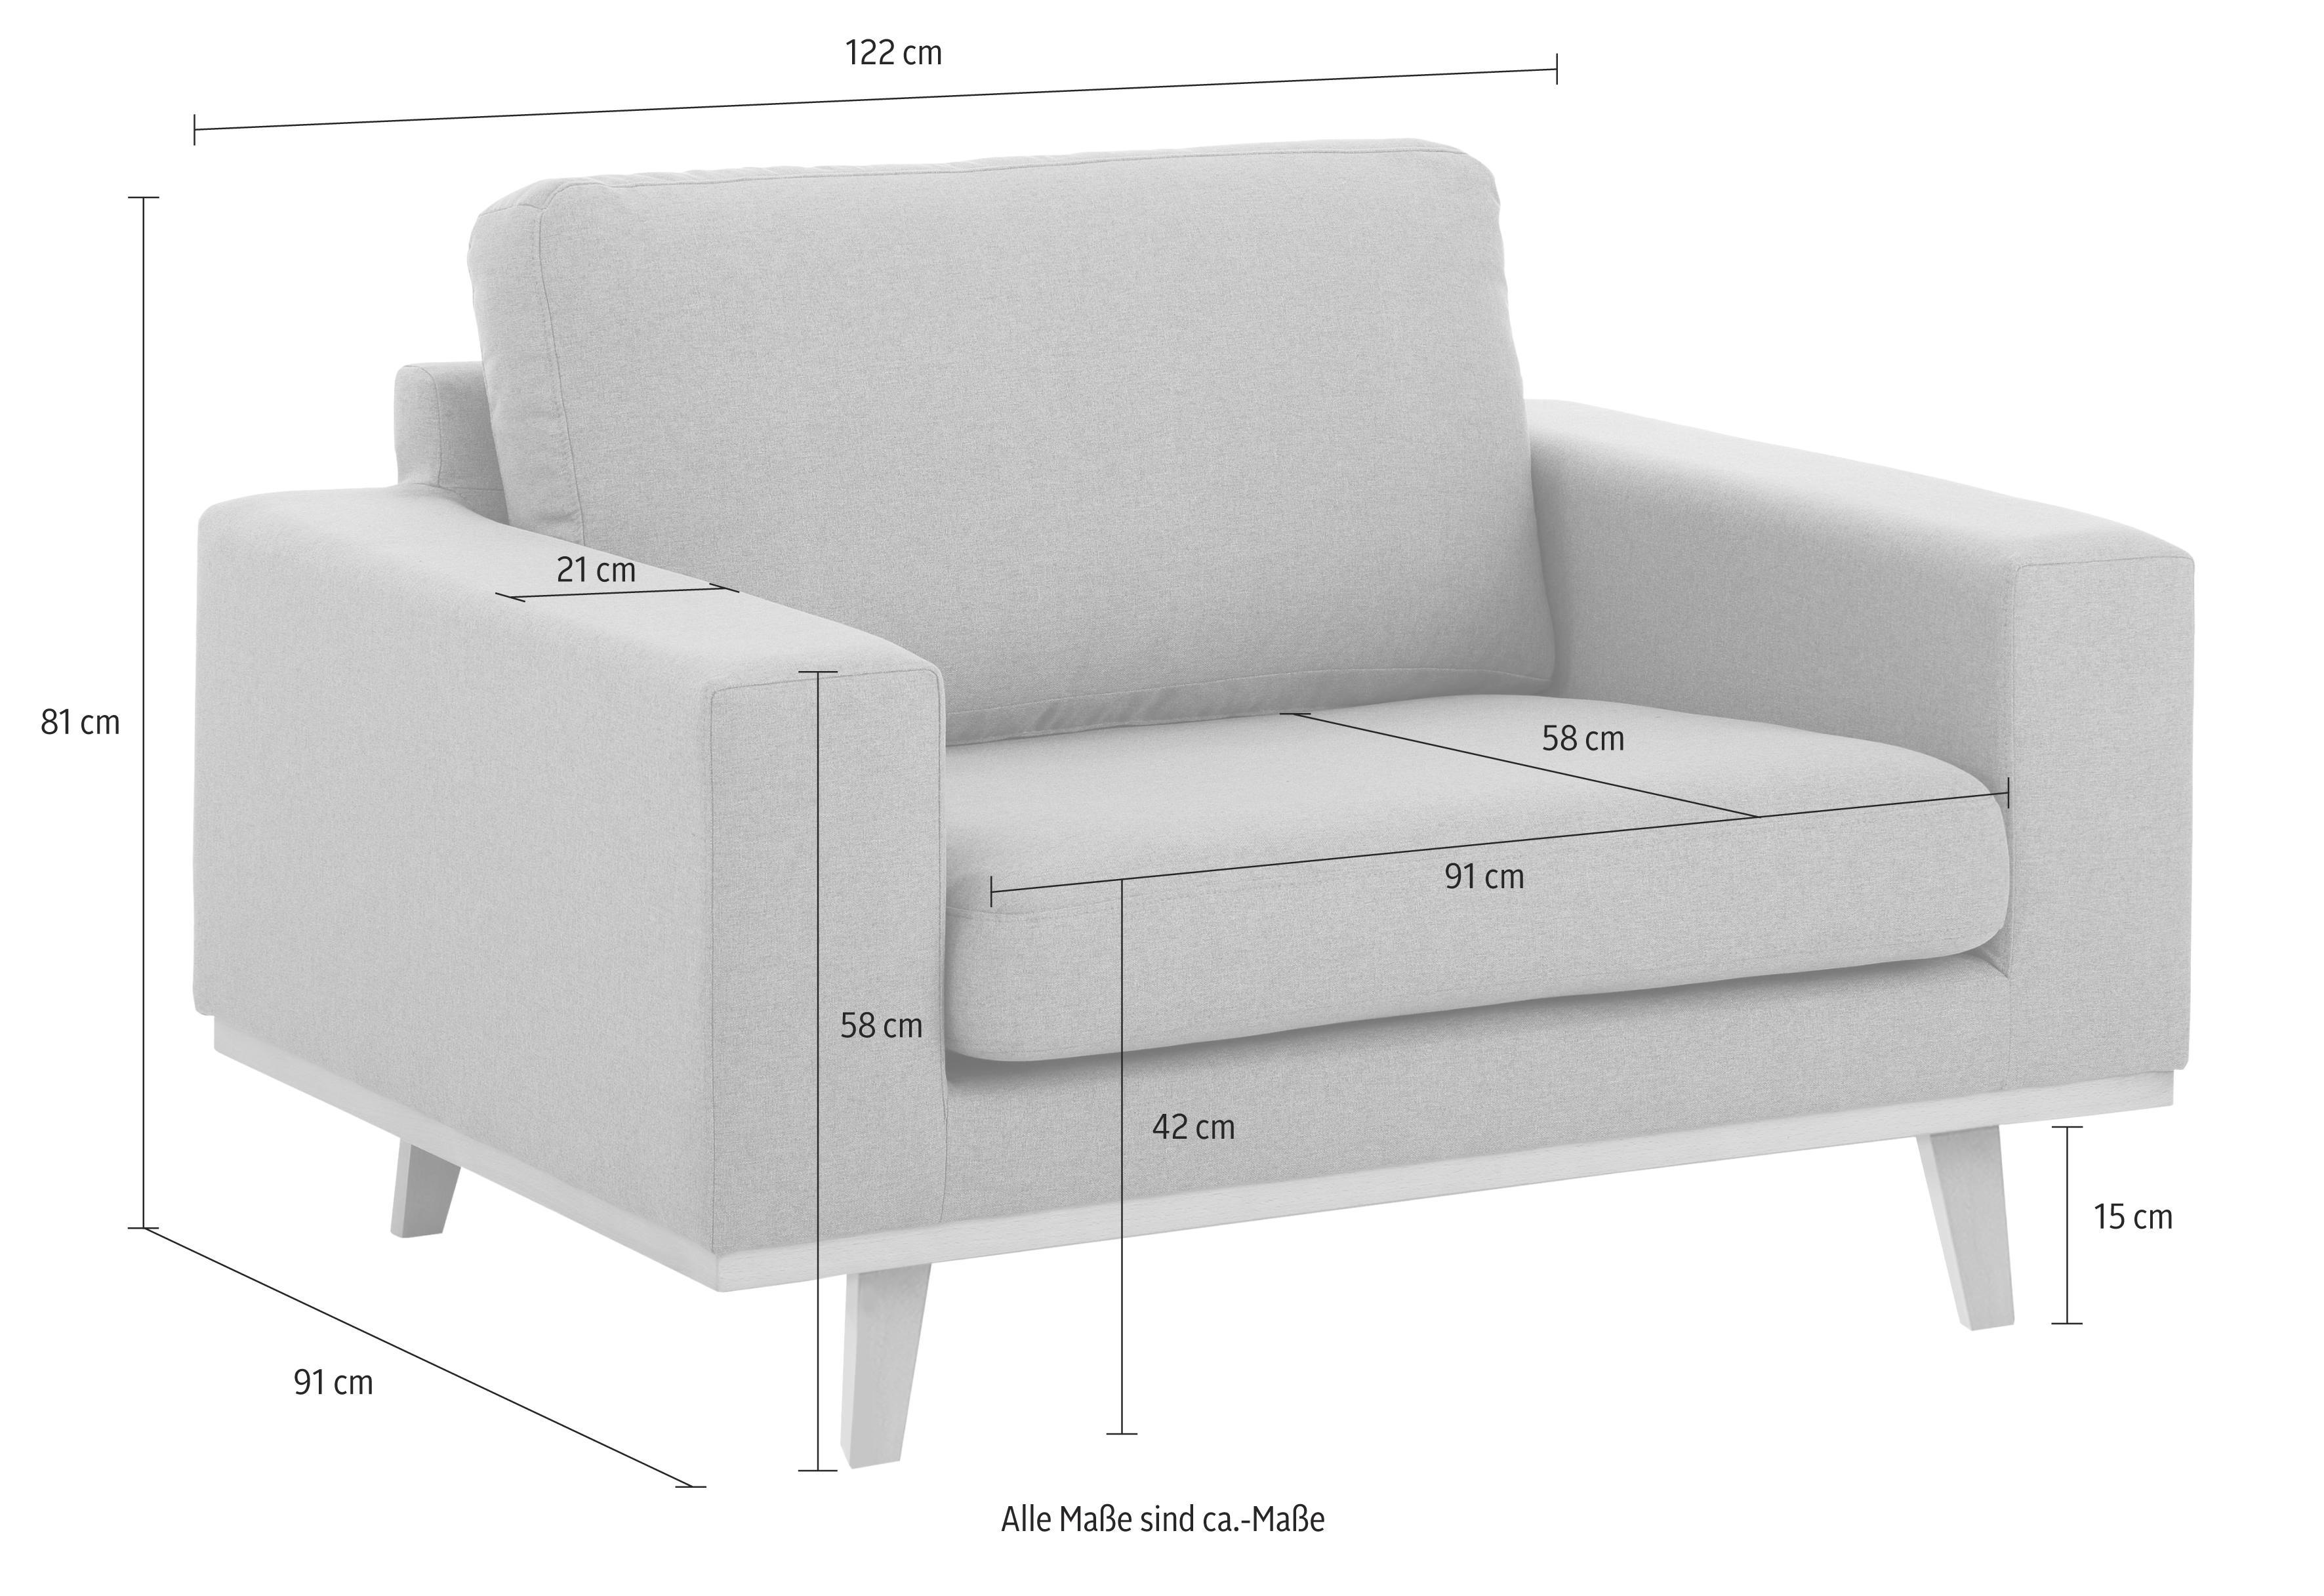 Home affaire Sessel Torino, mit Echtholzrahmen; in 3 Bezugsqualitäten günstig online kaufen